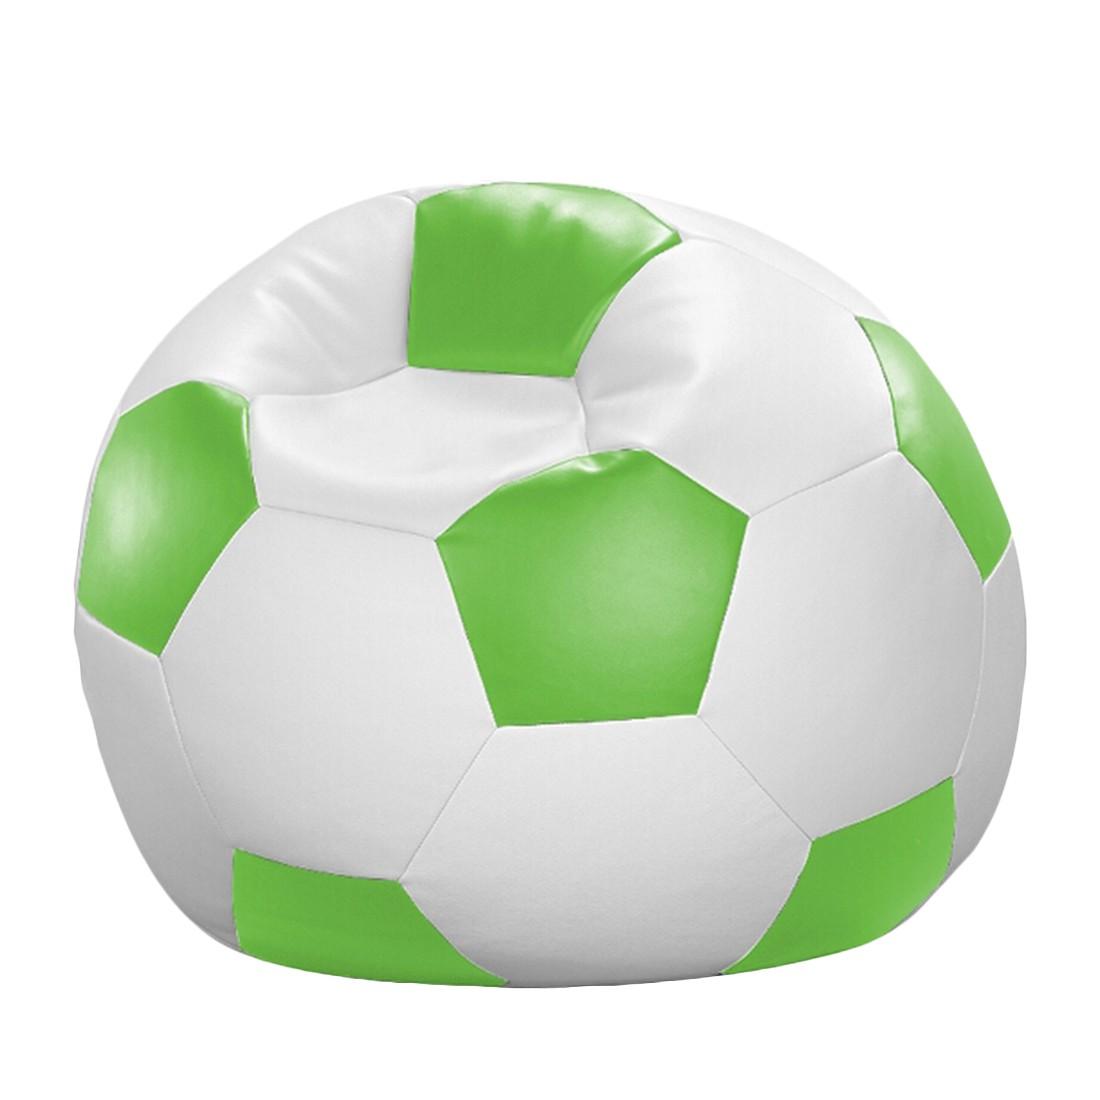 Fussball-Sitzsack – Weiß/Grün – 90 x 90 cm, KC-Handel günstig